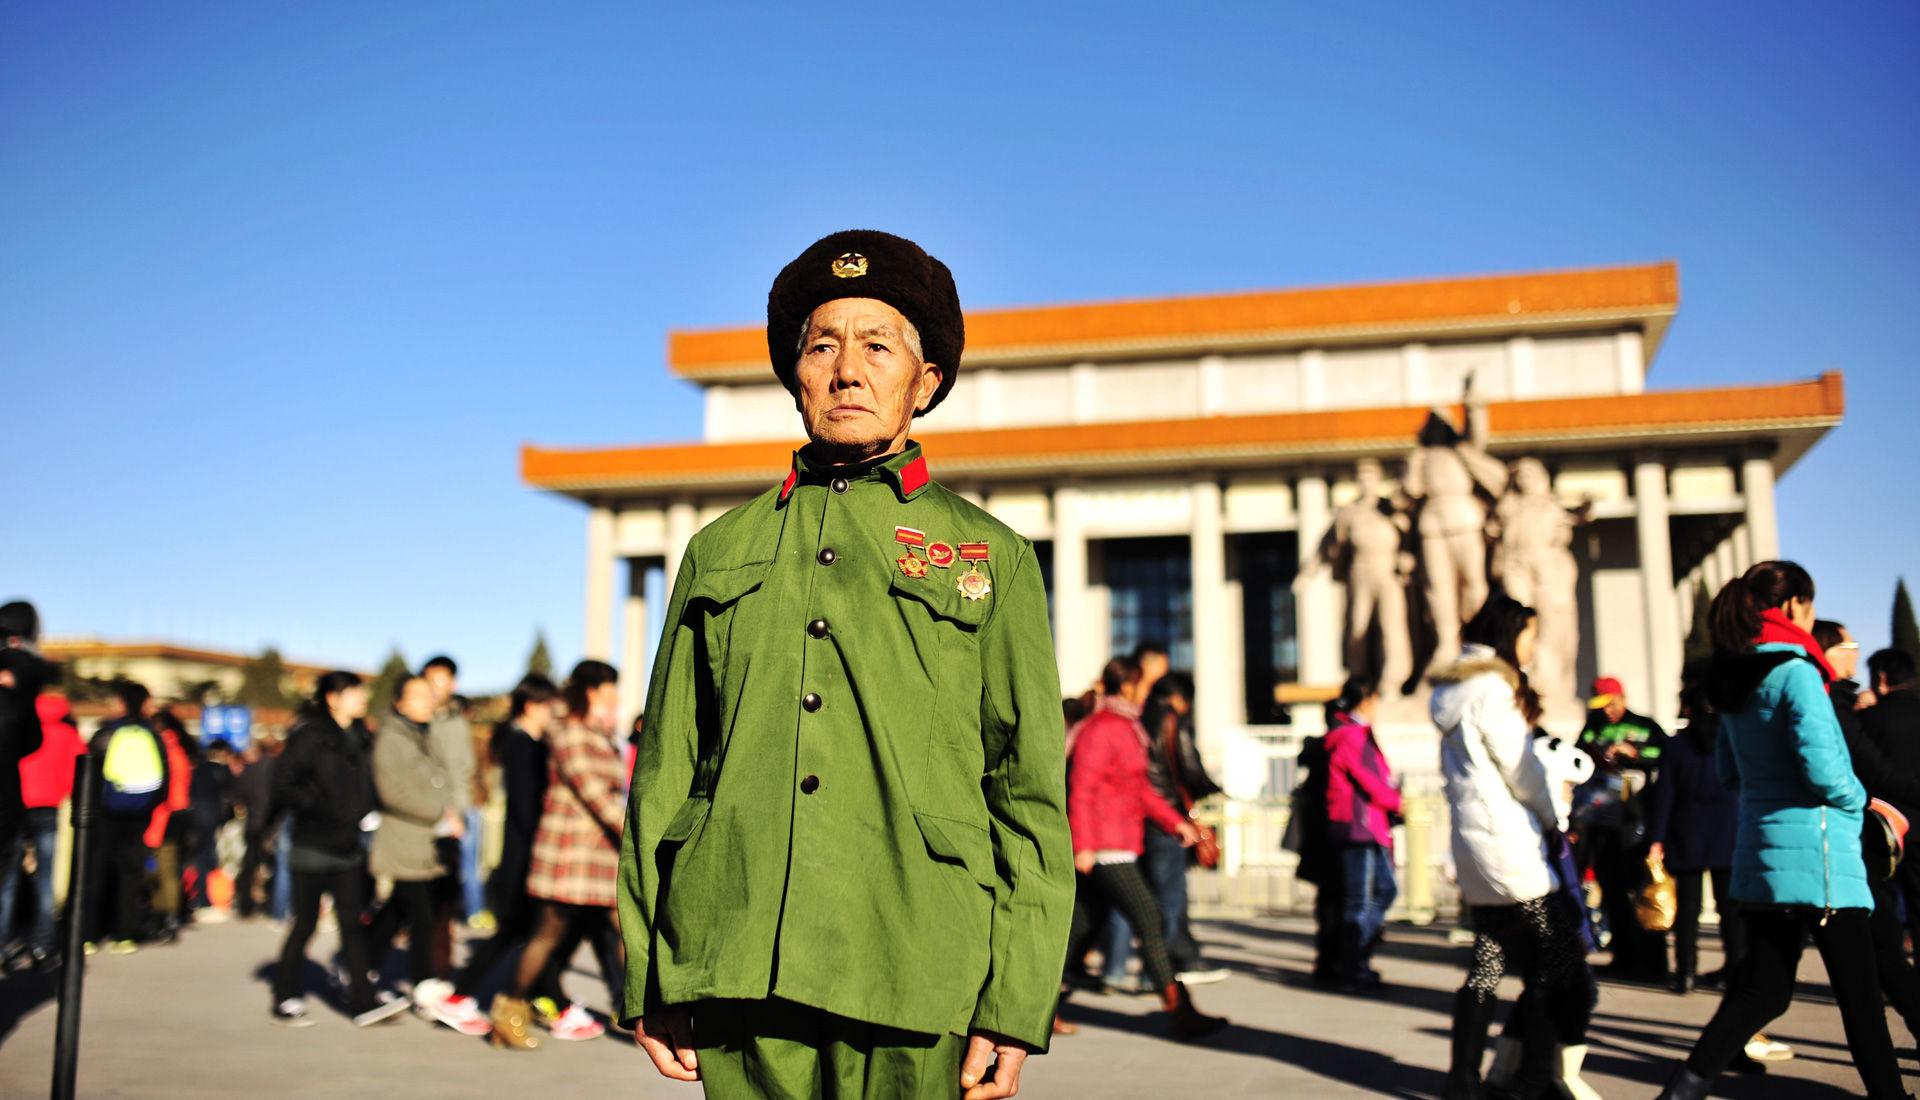 毛泽东遗体在_毛泽东和中国_资讯频道_凤凰网